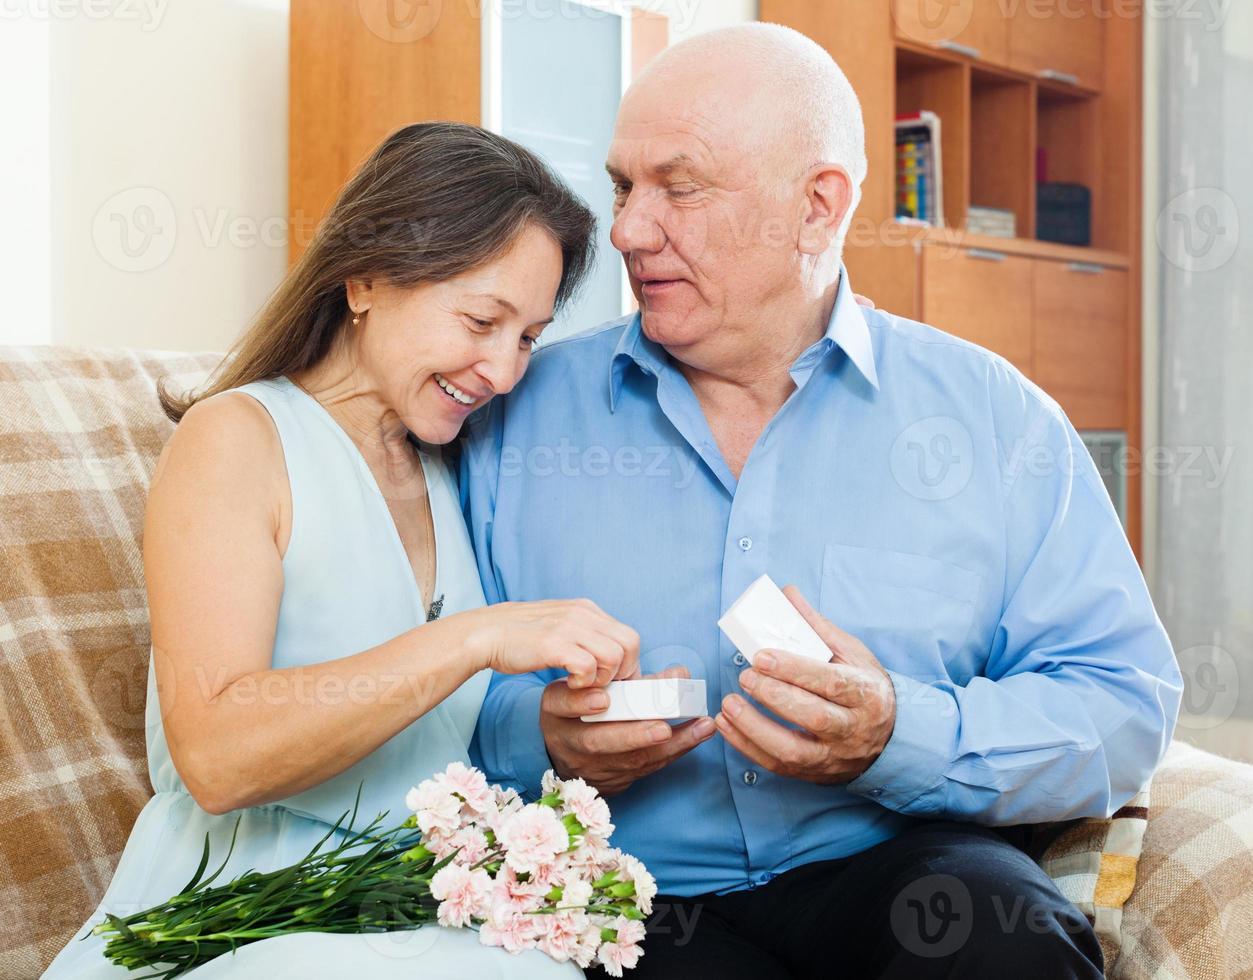 felice donna matura cerca gioiello foto